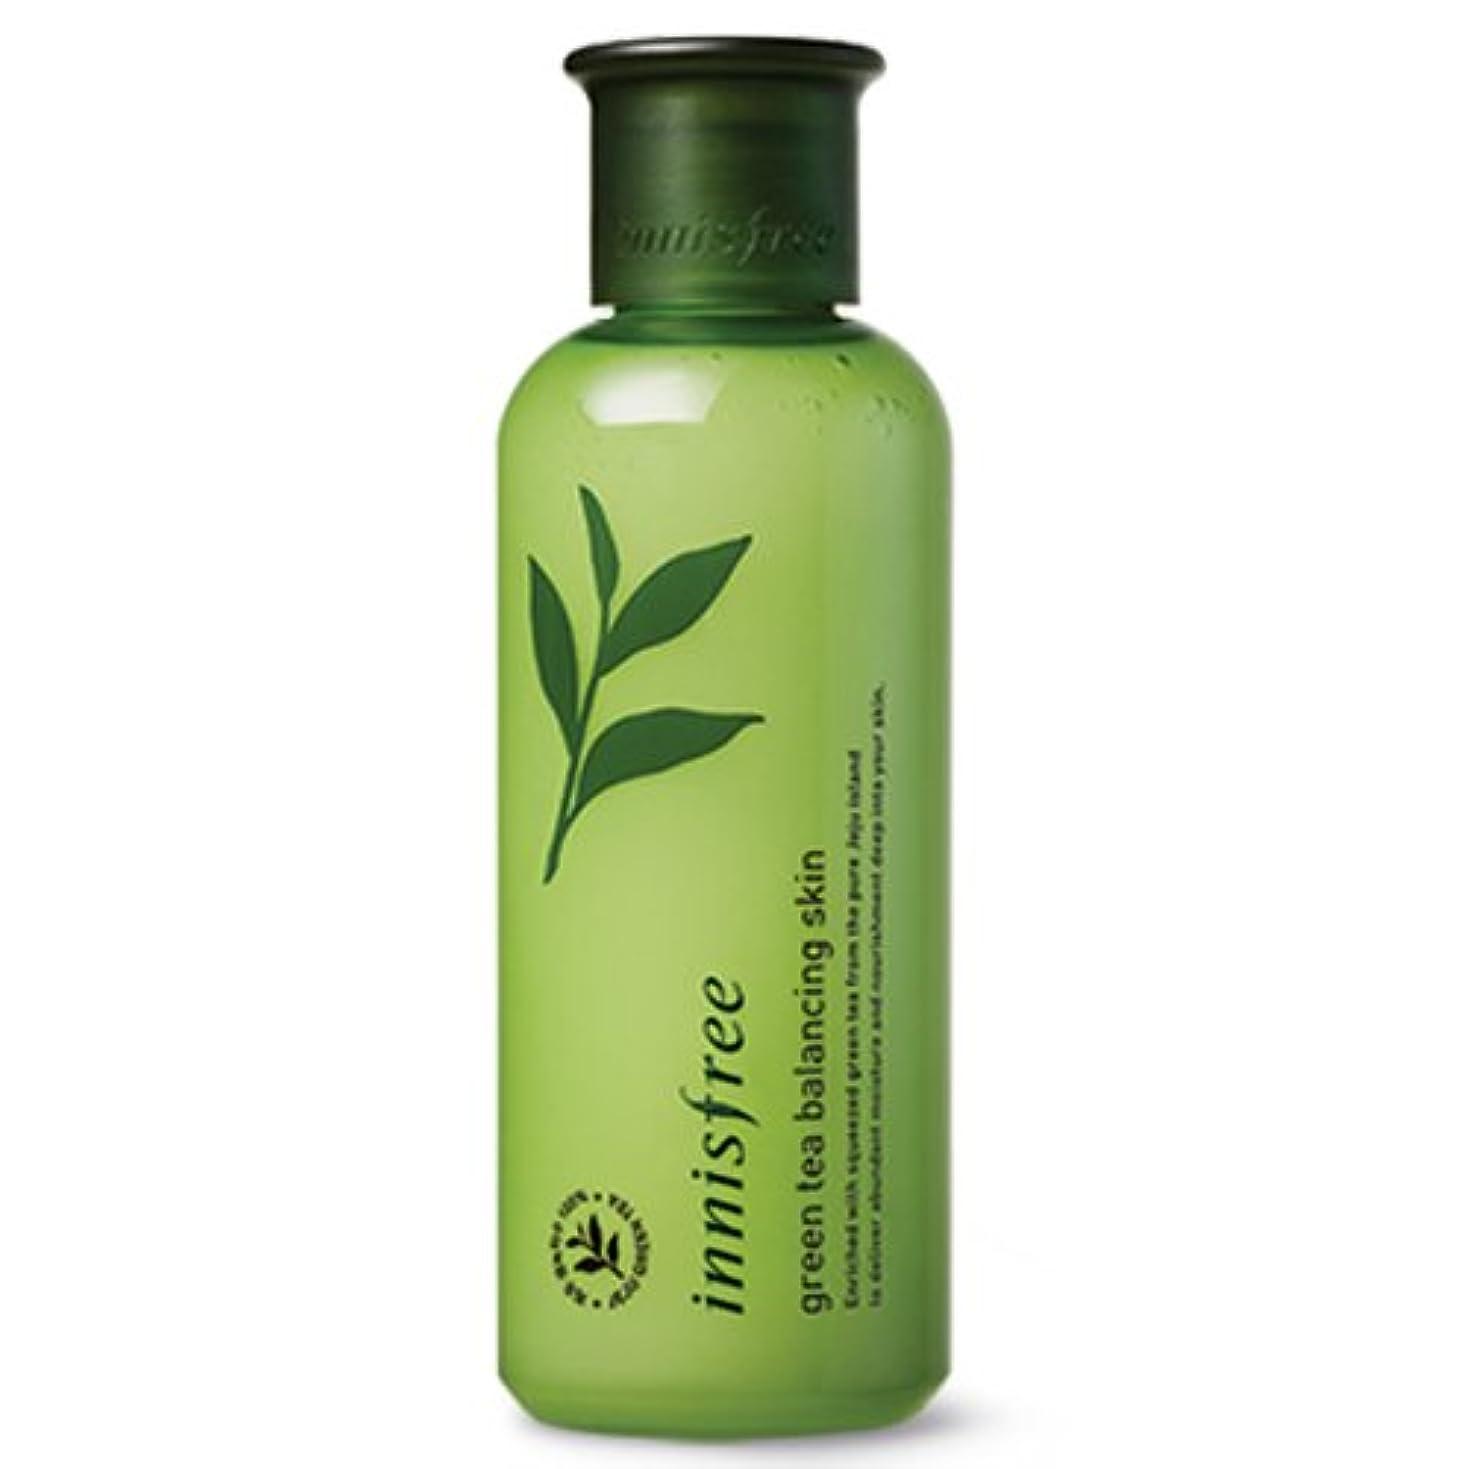 ポットご意見フェンス[INNISFREE]イニスフリーグリーンティーバランシング スキン200ml green tea balancing skin 200ml